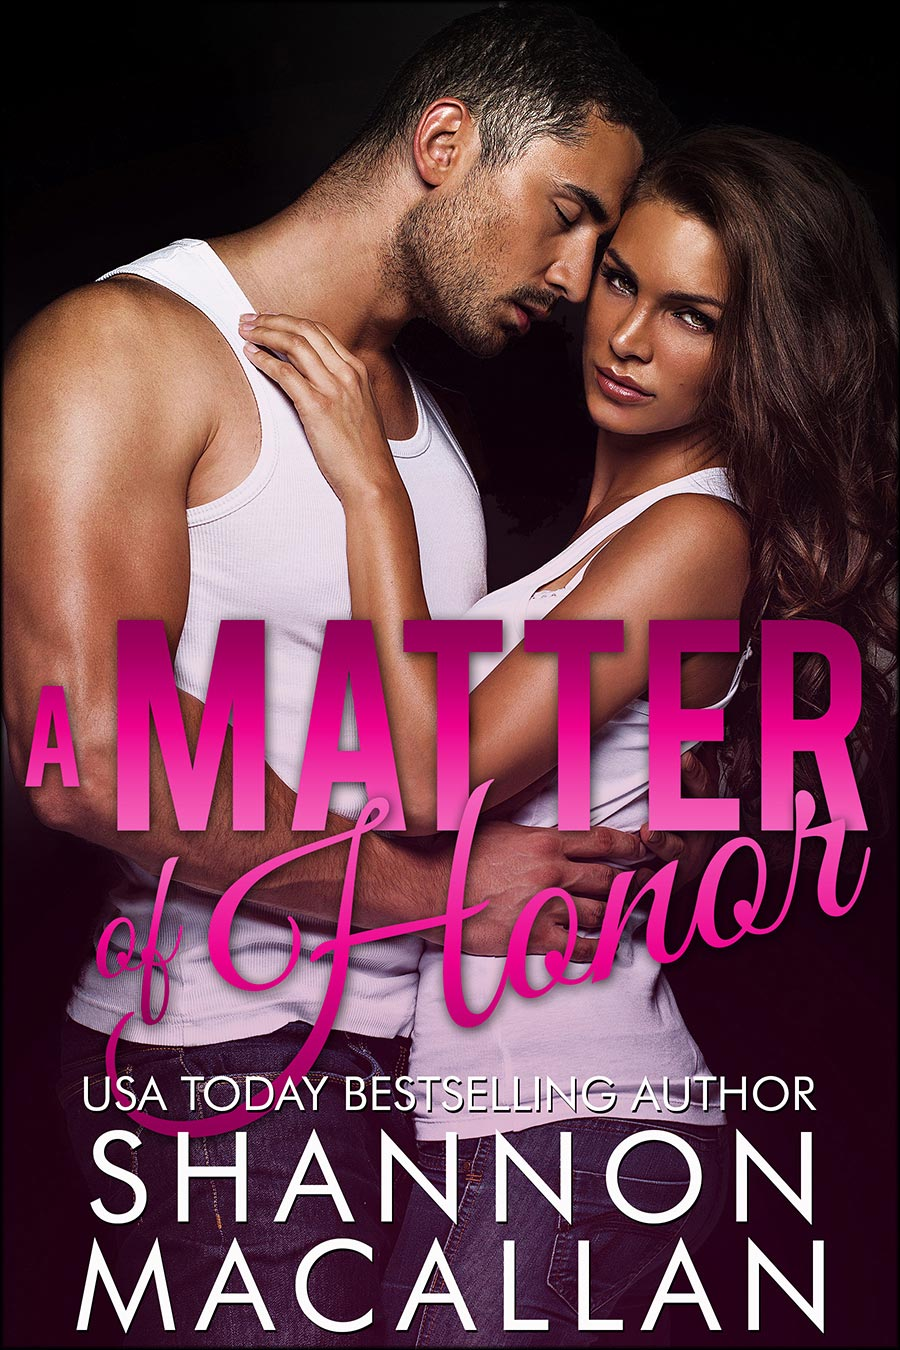 A-Matter-of-Honor---Shannon-Macallan.jpg